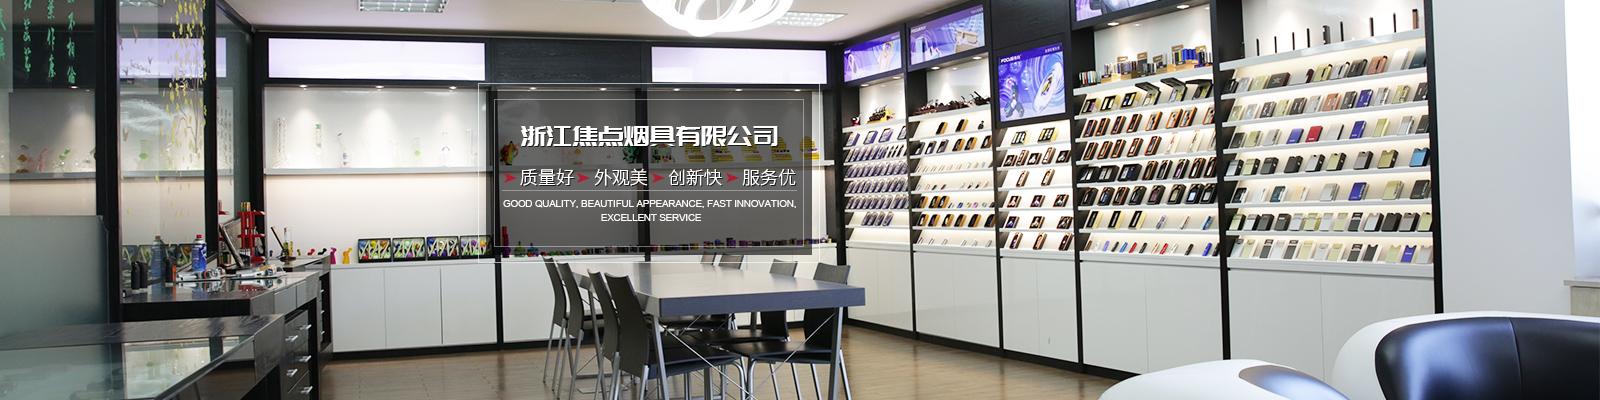 浙江皇冠手机登陆网站 烟具有限公司